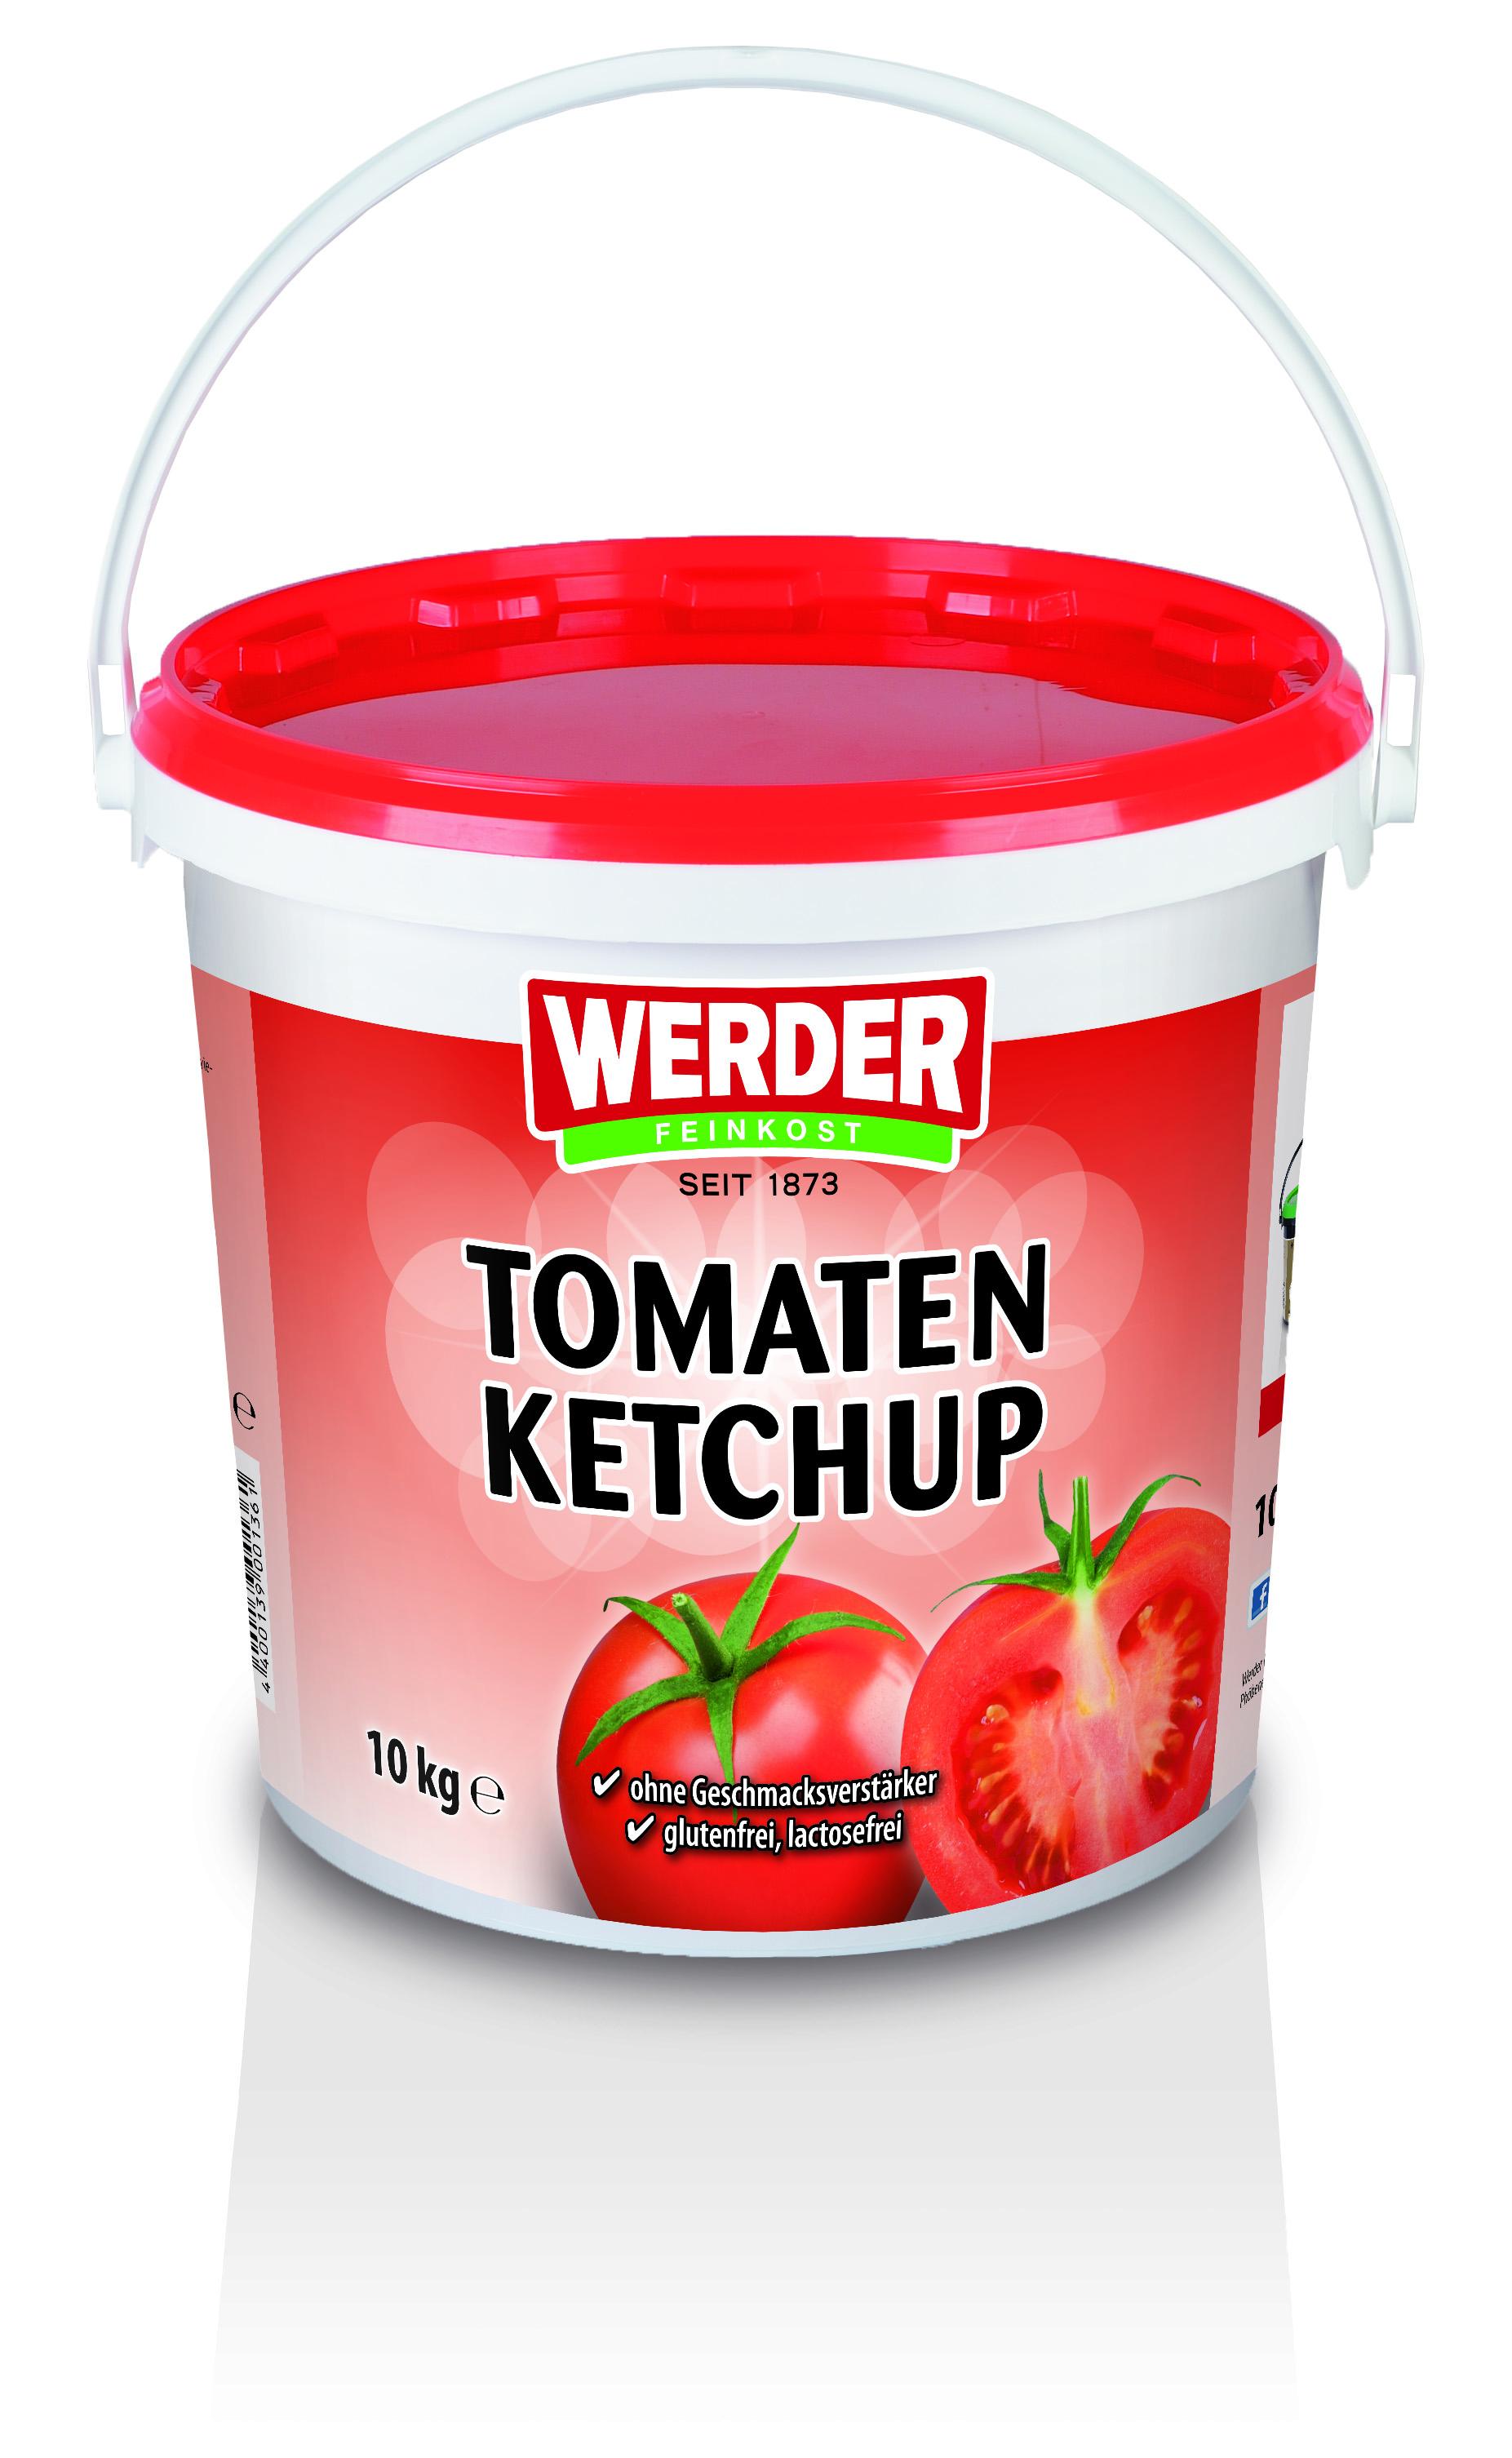 WERDER Tomaten Ketchup 10 kg